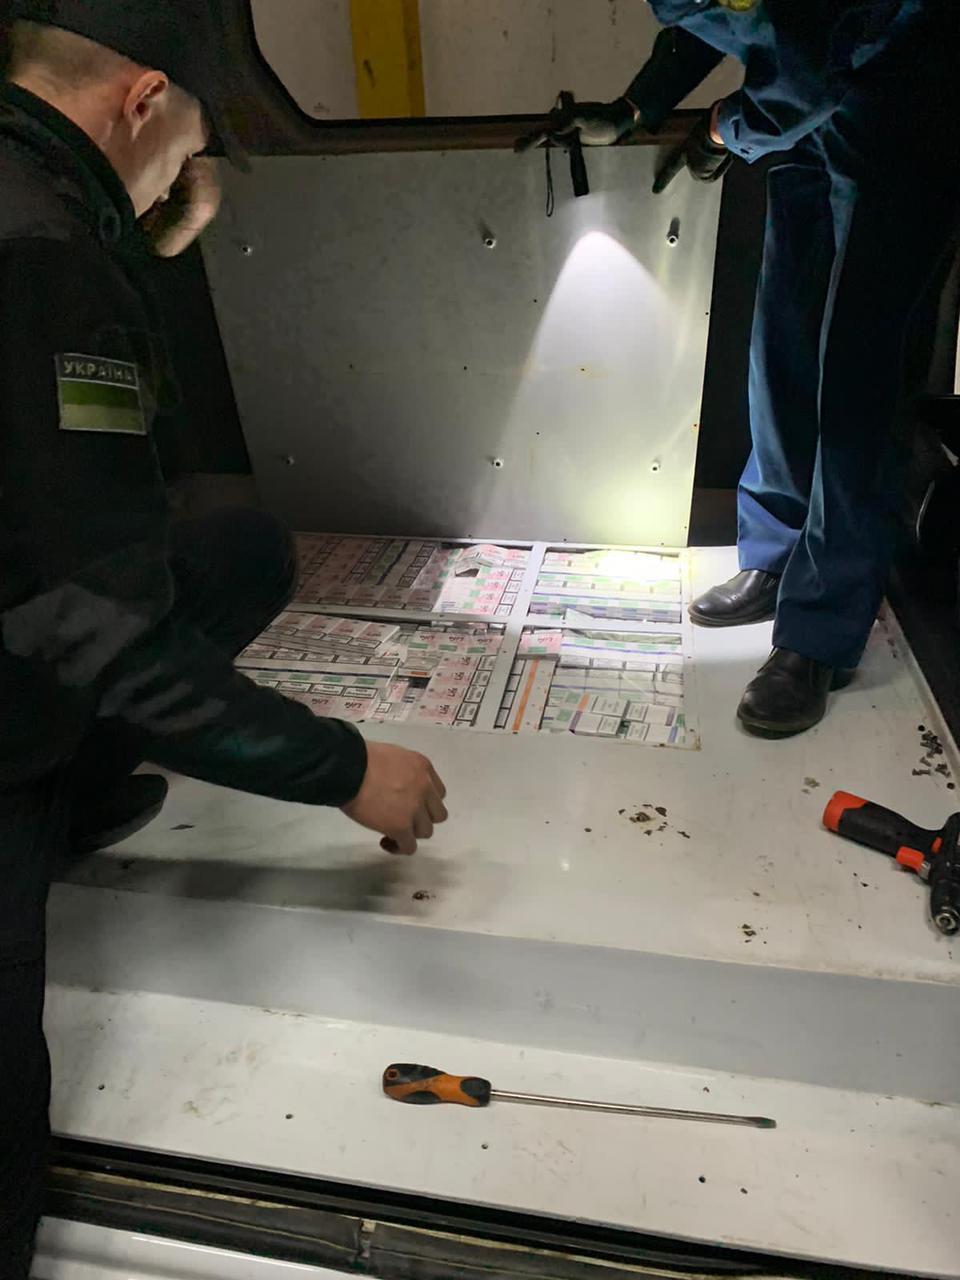 """Сьогодні вночі (04.06) митники спільно з прикордонниками виявили два тайники із прихованими понад 13 тис пачок сигарет у мікроавтобусі «RENAULT MASTER"""", які перевозив 40-річний житель Закарпаття."""